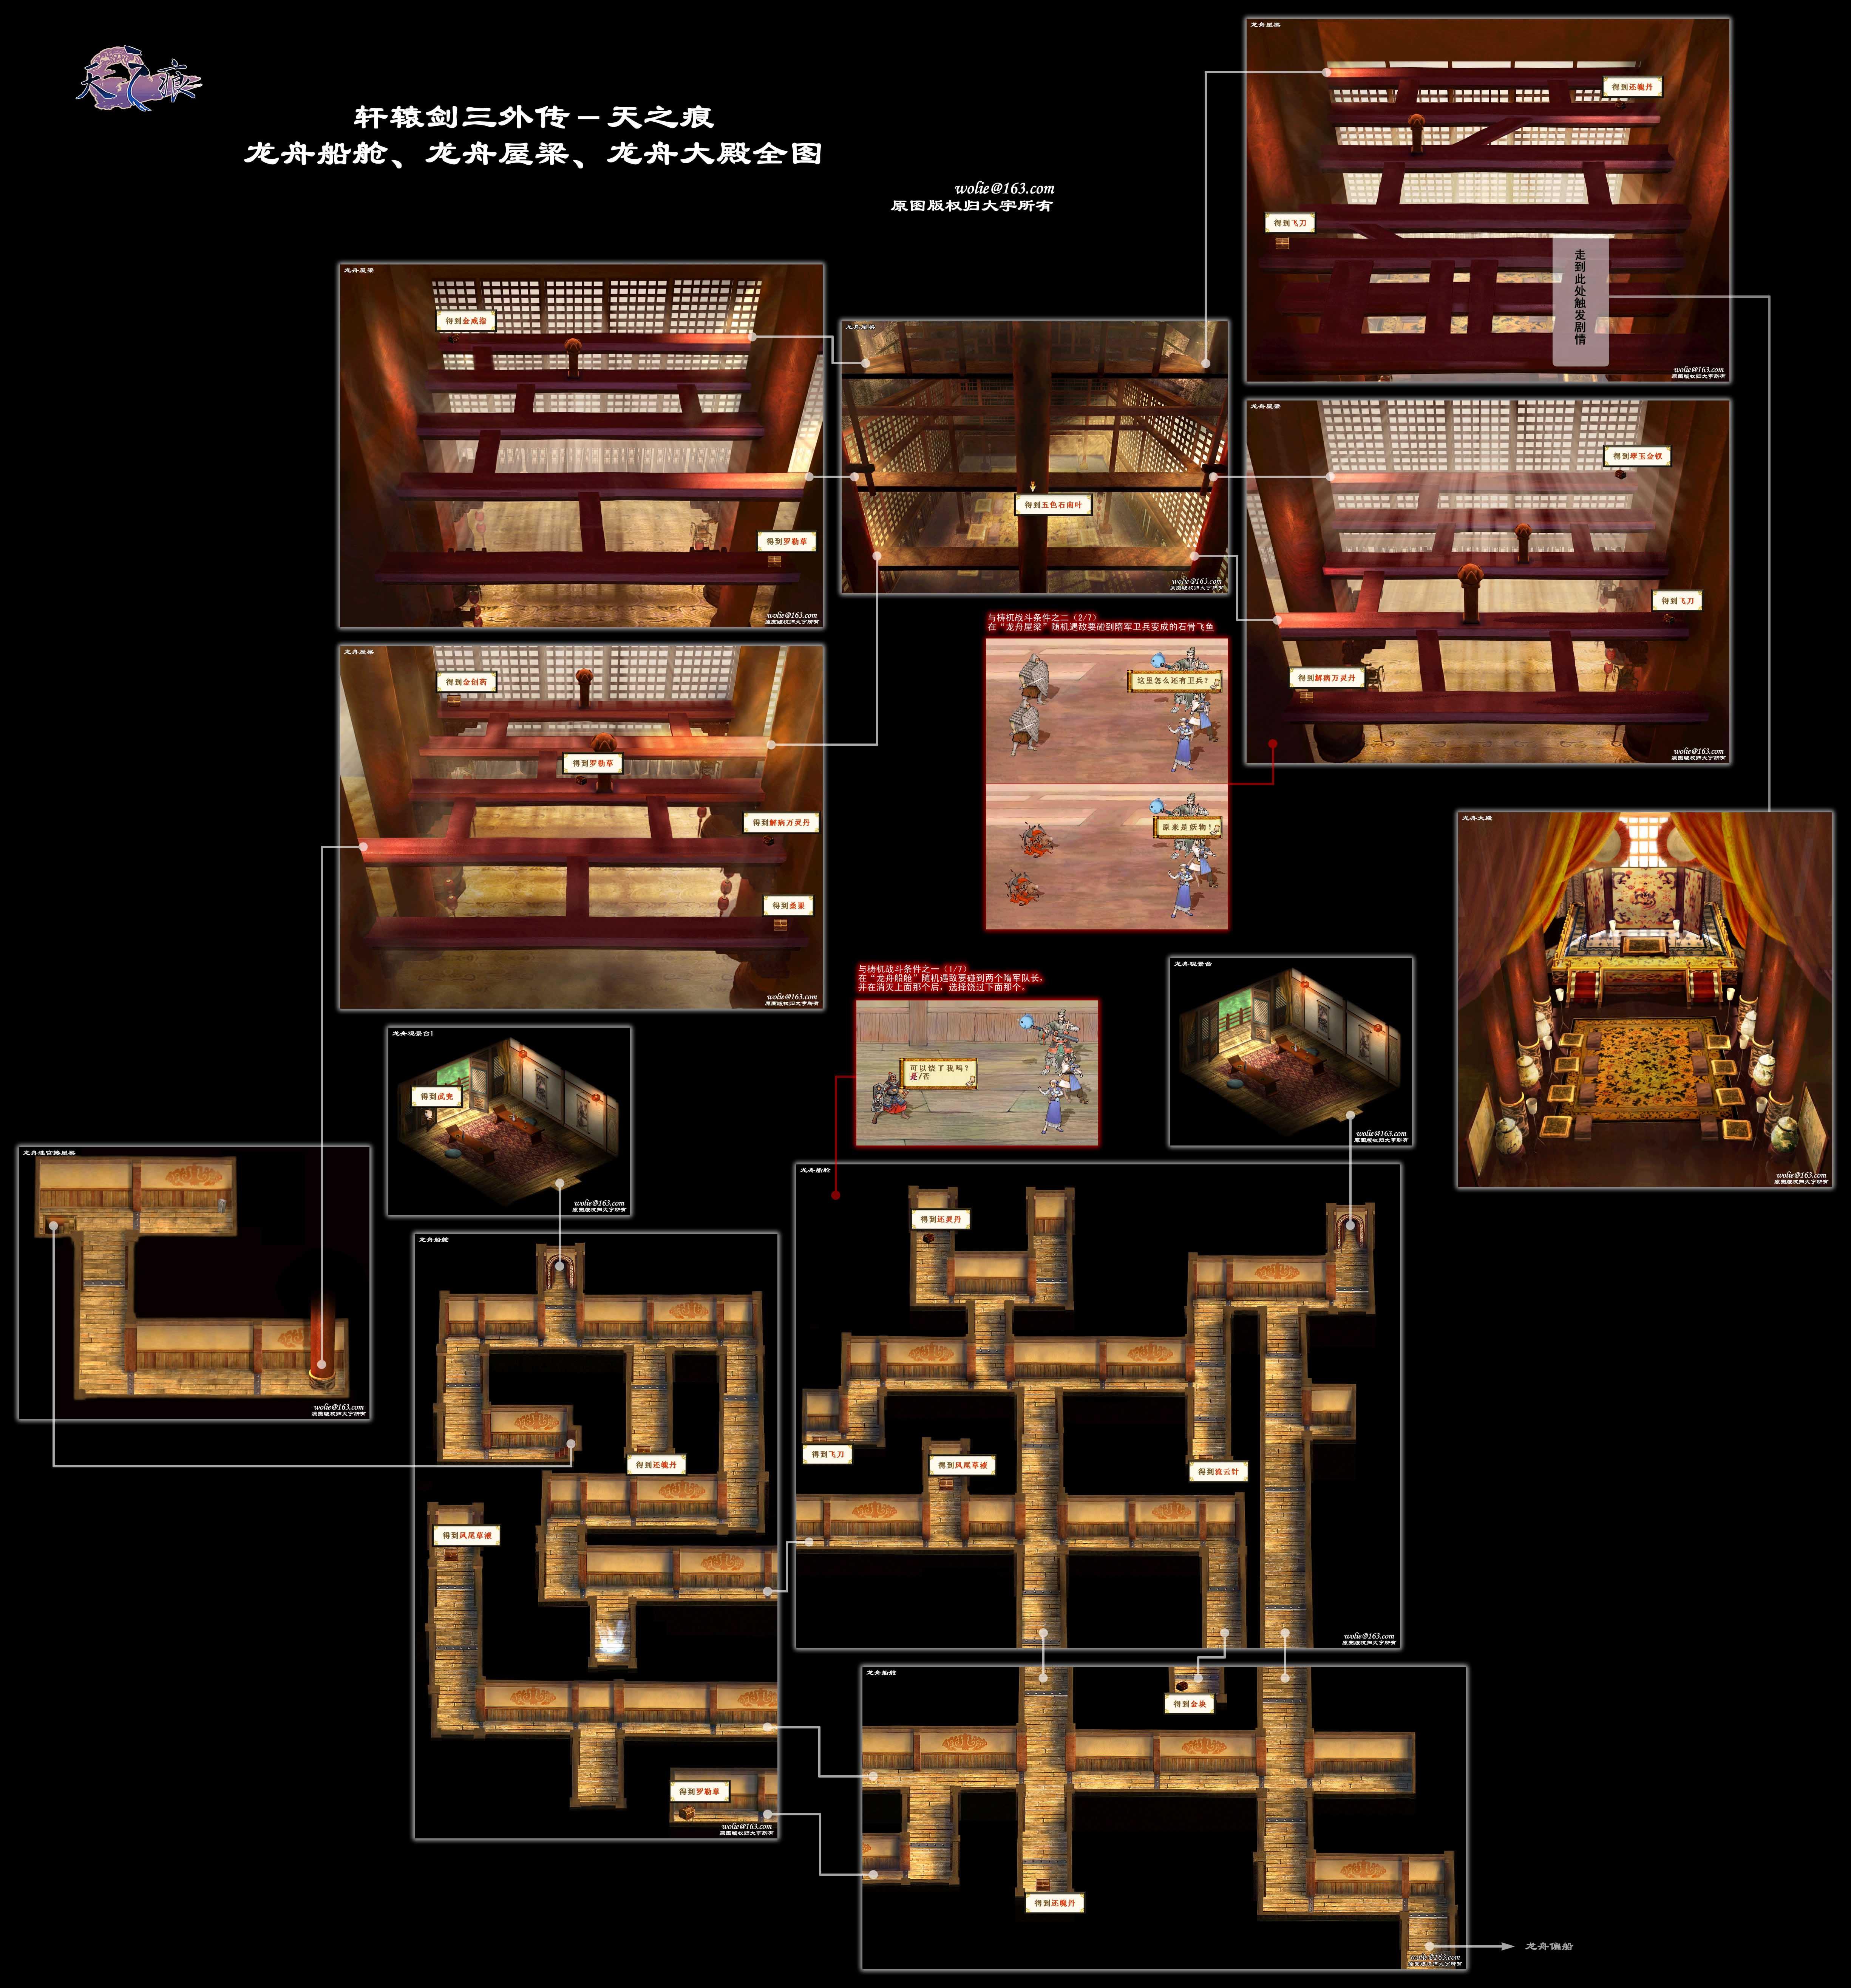 《轩辕剑3外传天之痕》神秘宫入口图片